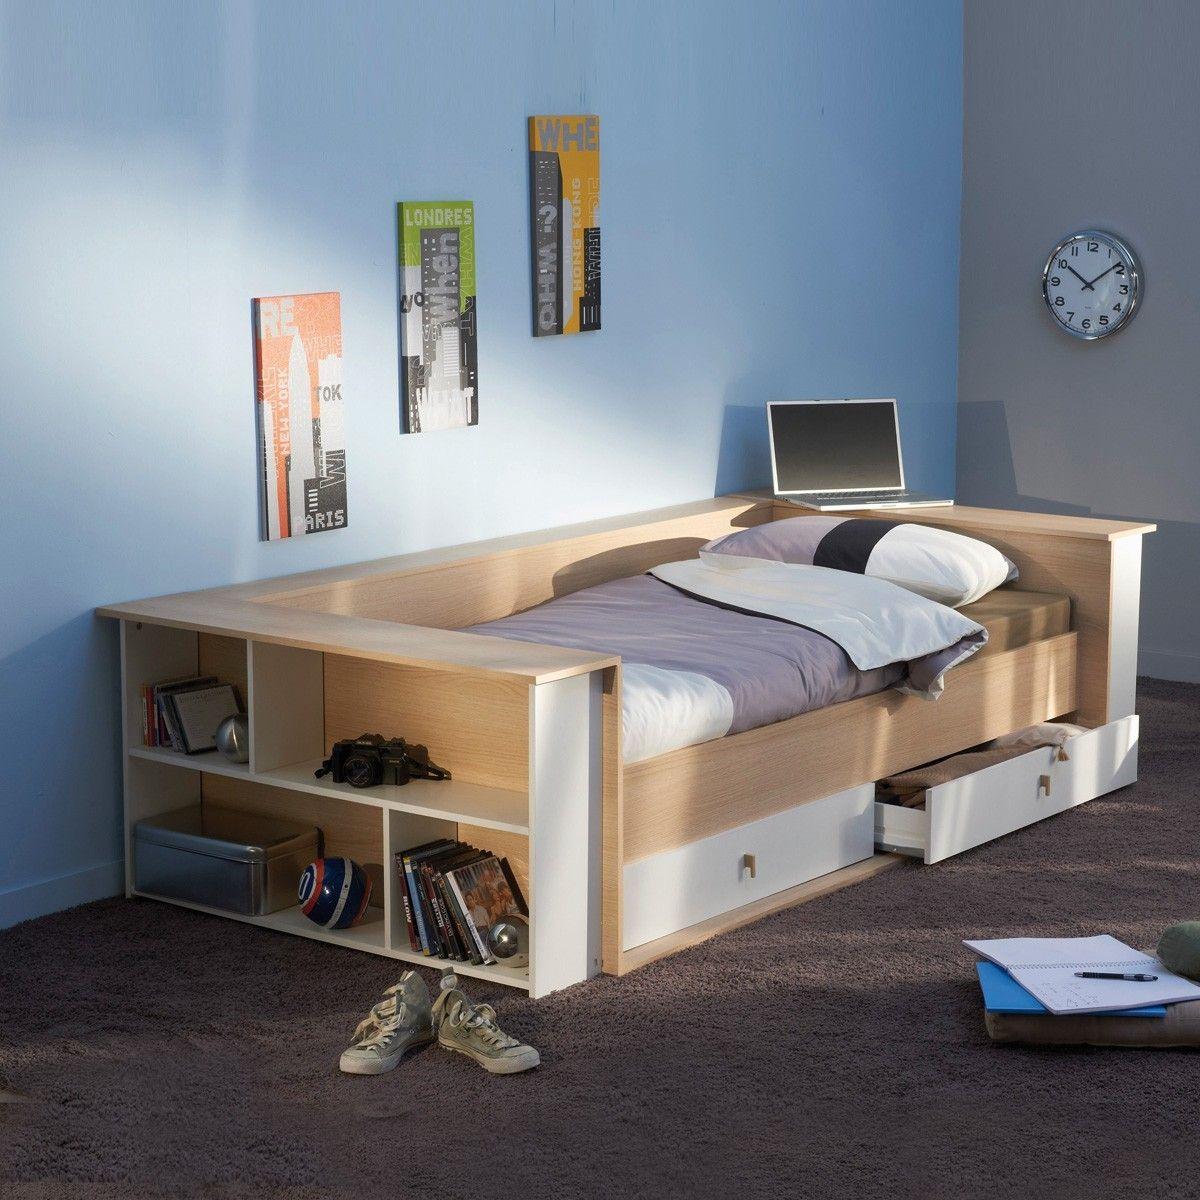 Full Size of Bett Mit Regal 90x200 Weiß Betten Lattenrost Und Matratze Kiefer Weißes Schubladen Bettkasten Wohnzimmer Jugendbett 90x200